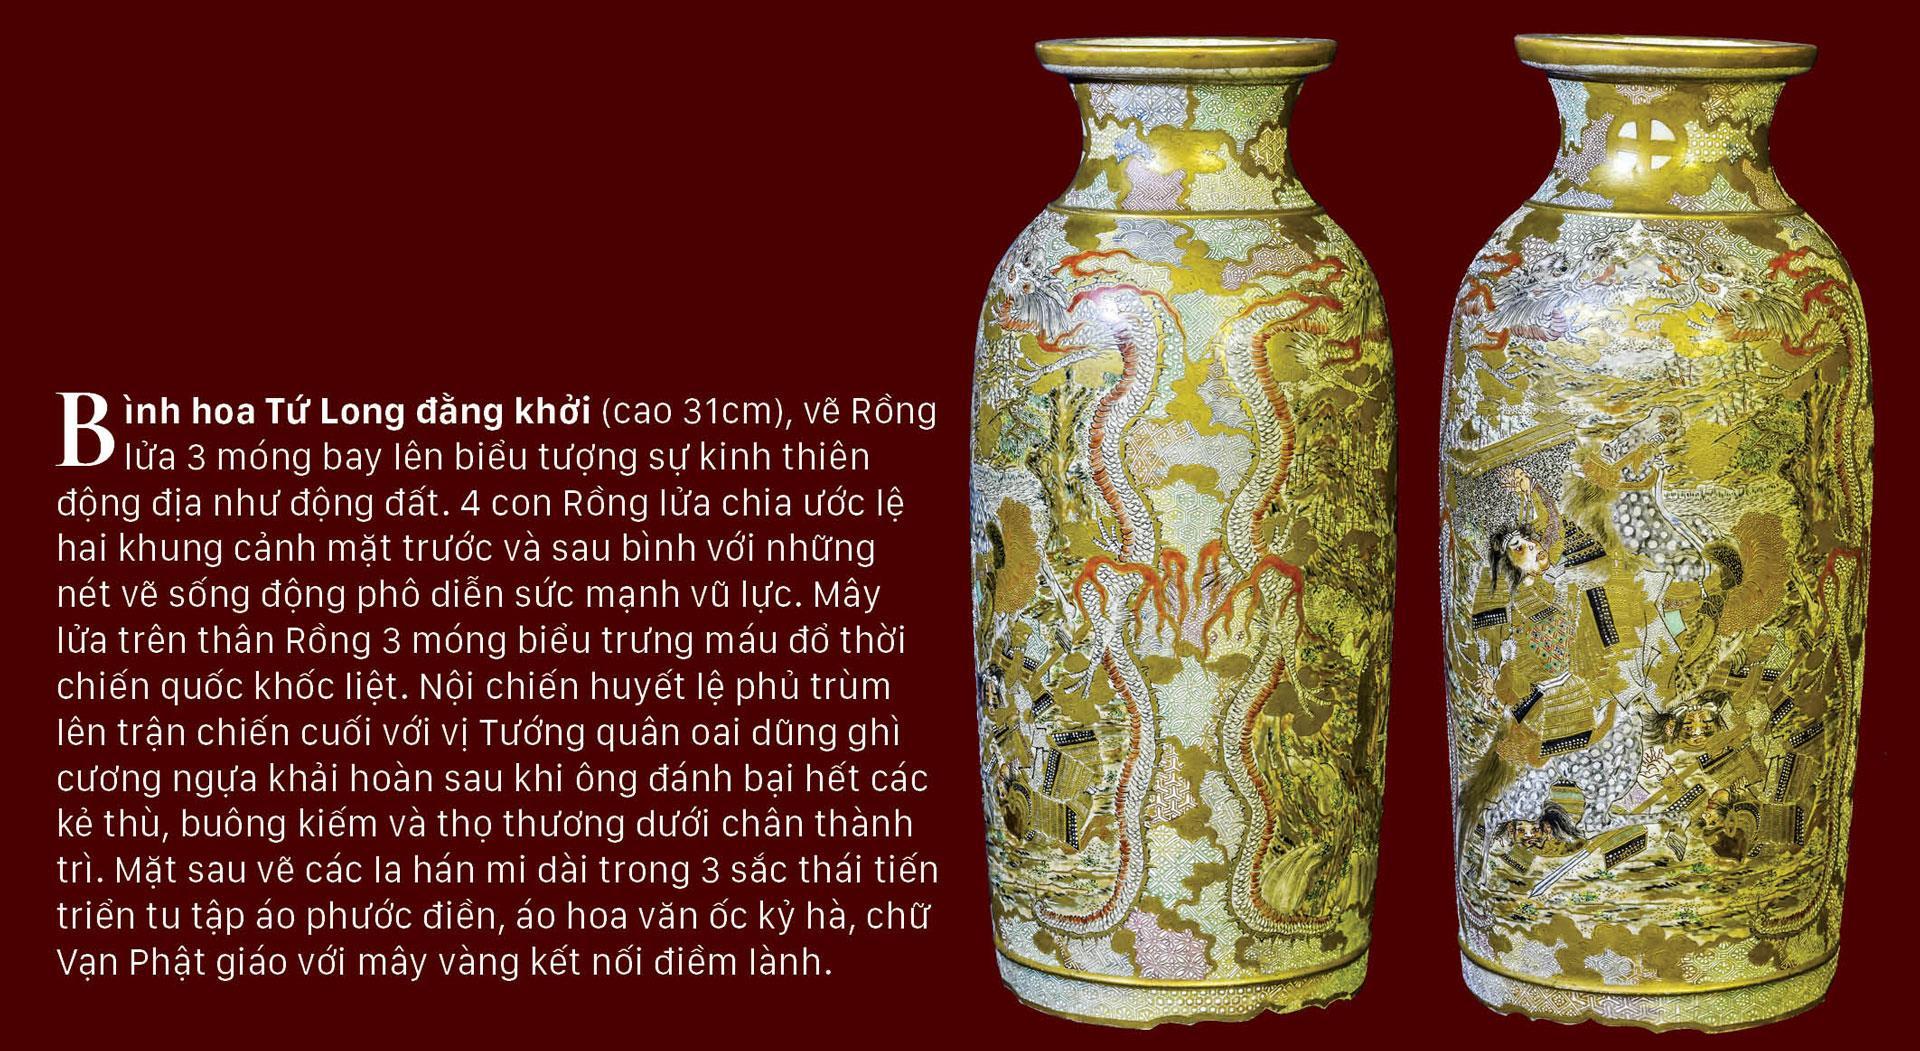 Rồng - Phượng trên bảo vật gốm cổ ảnh 3